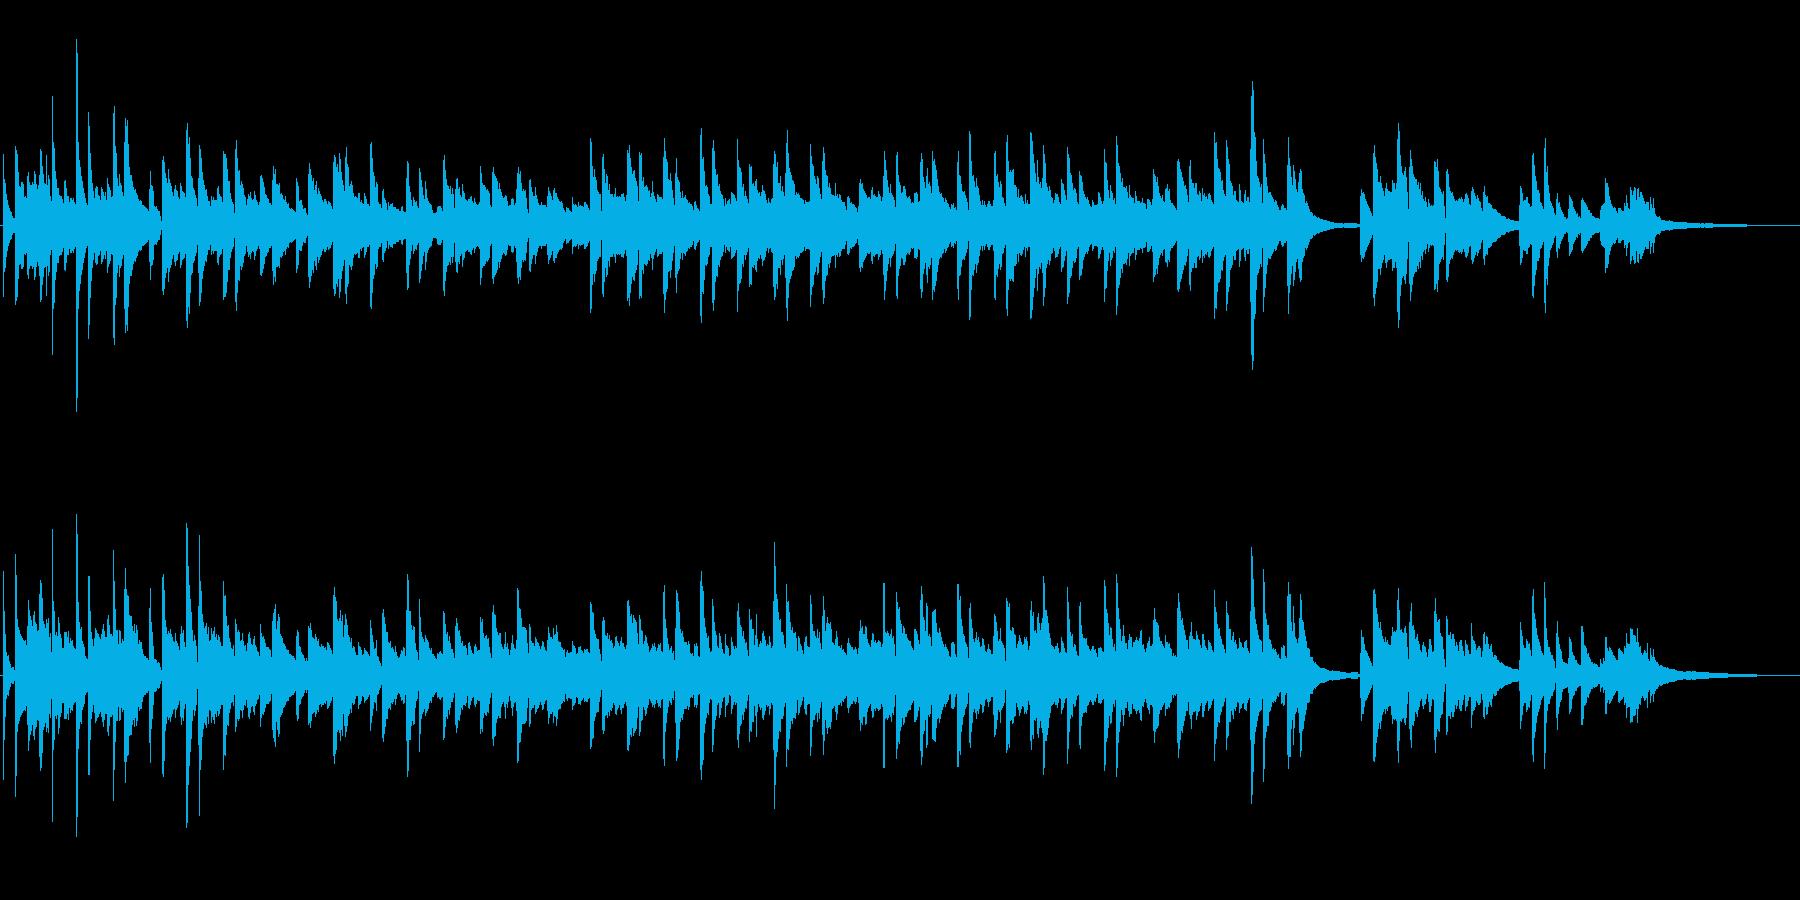 仰げば尊し 伴奏にもなるピアノ1コーラスの再生済みの波形